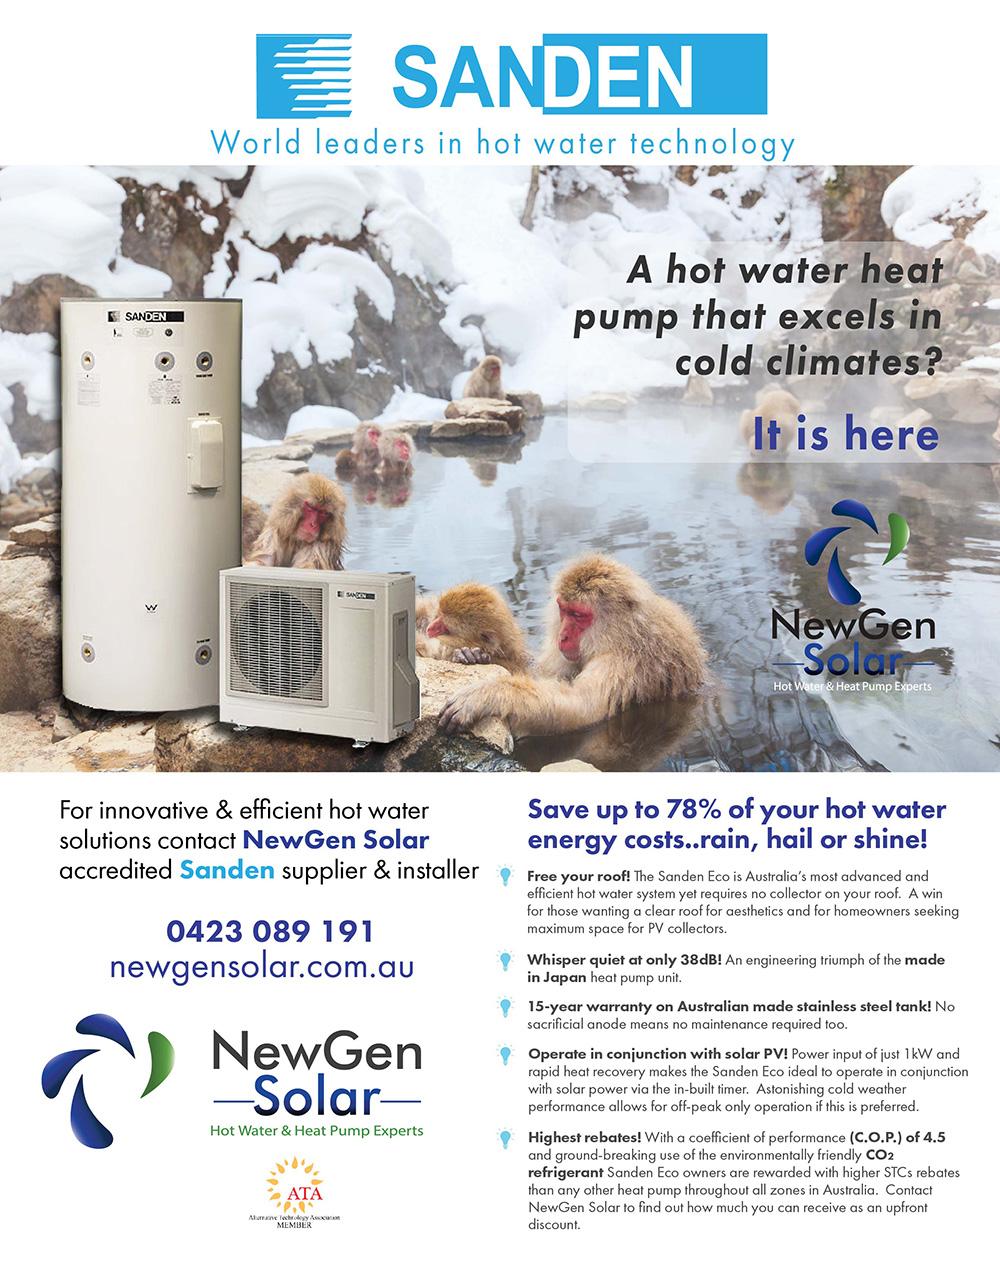 NewGen-Solar-Snow-Monkey-Sanden-Ad